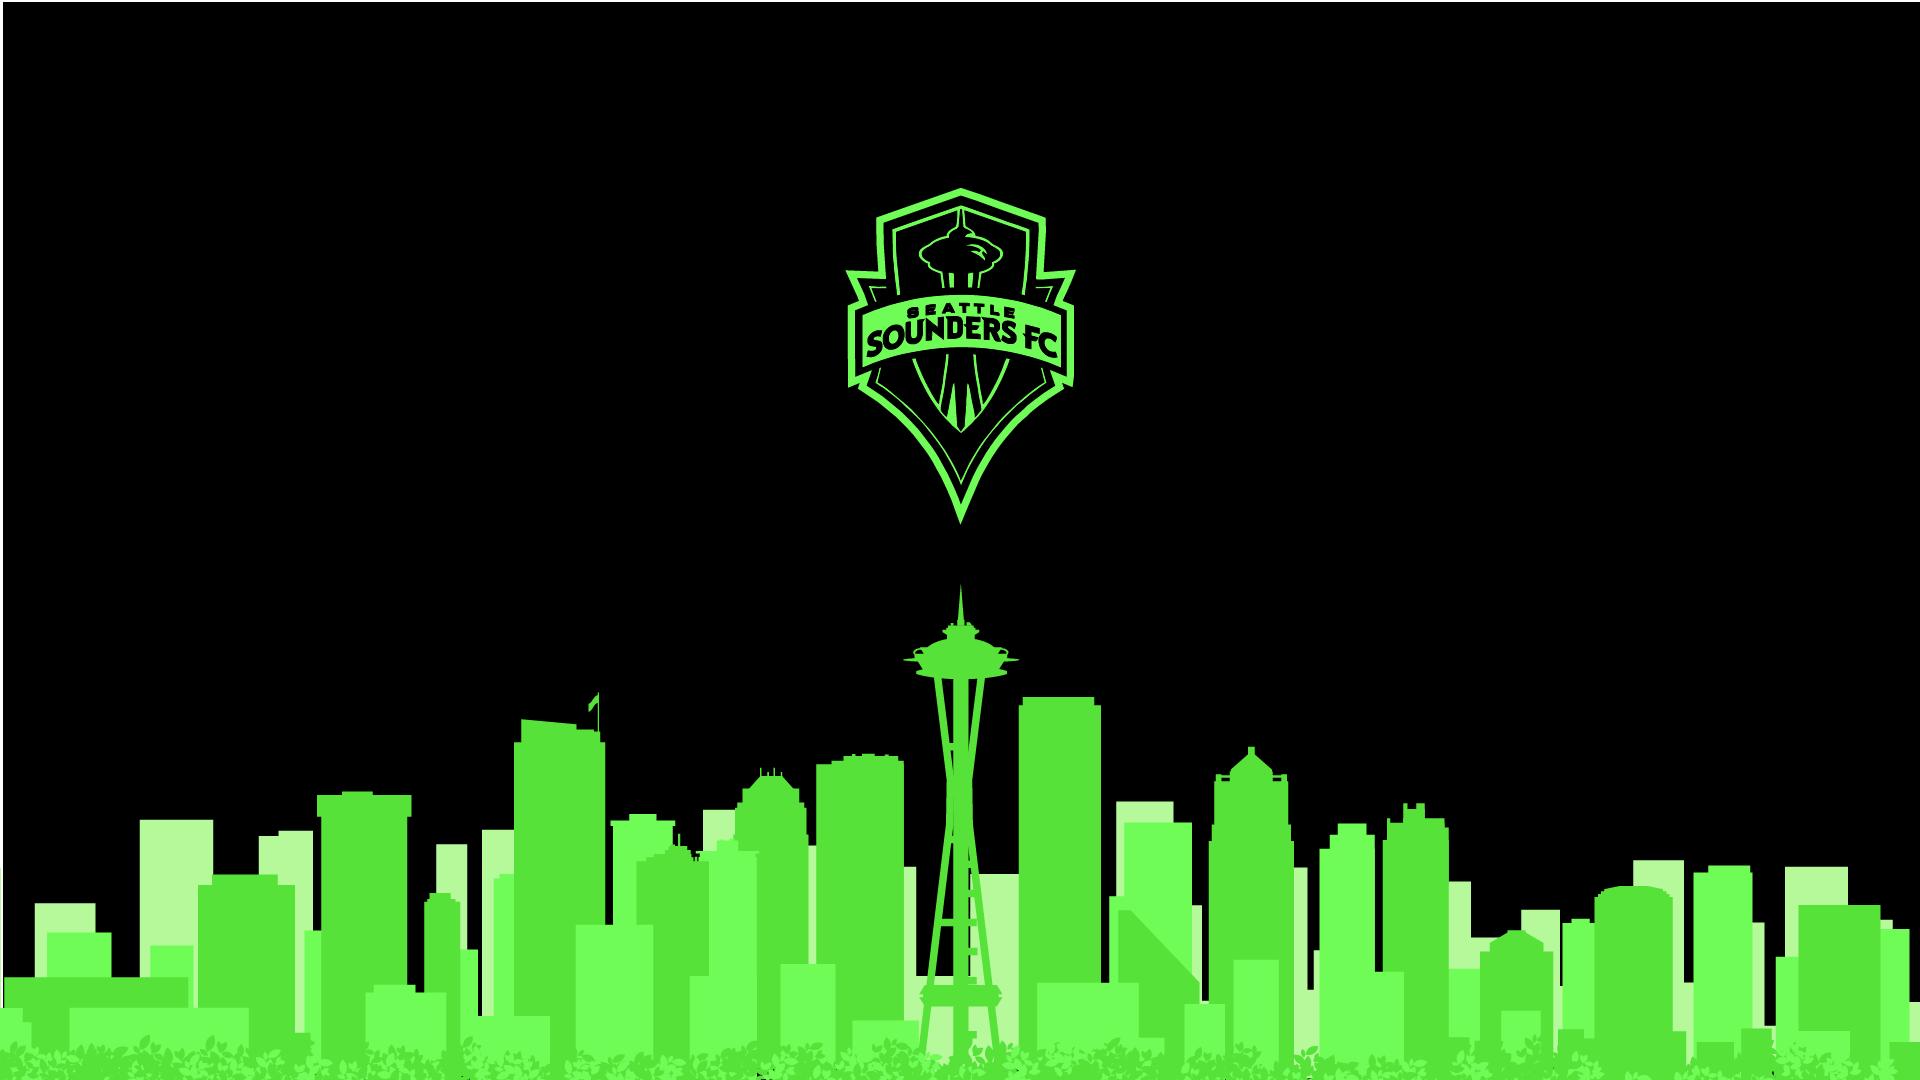 Seattle Sounders FC mls soccer sports wallpaper 1920x1080 1920x1080